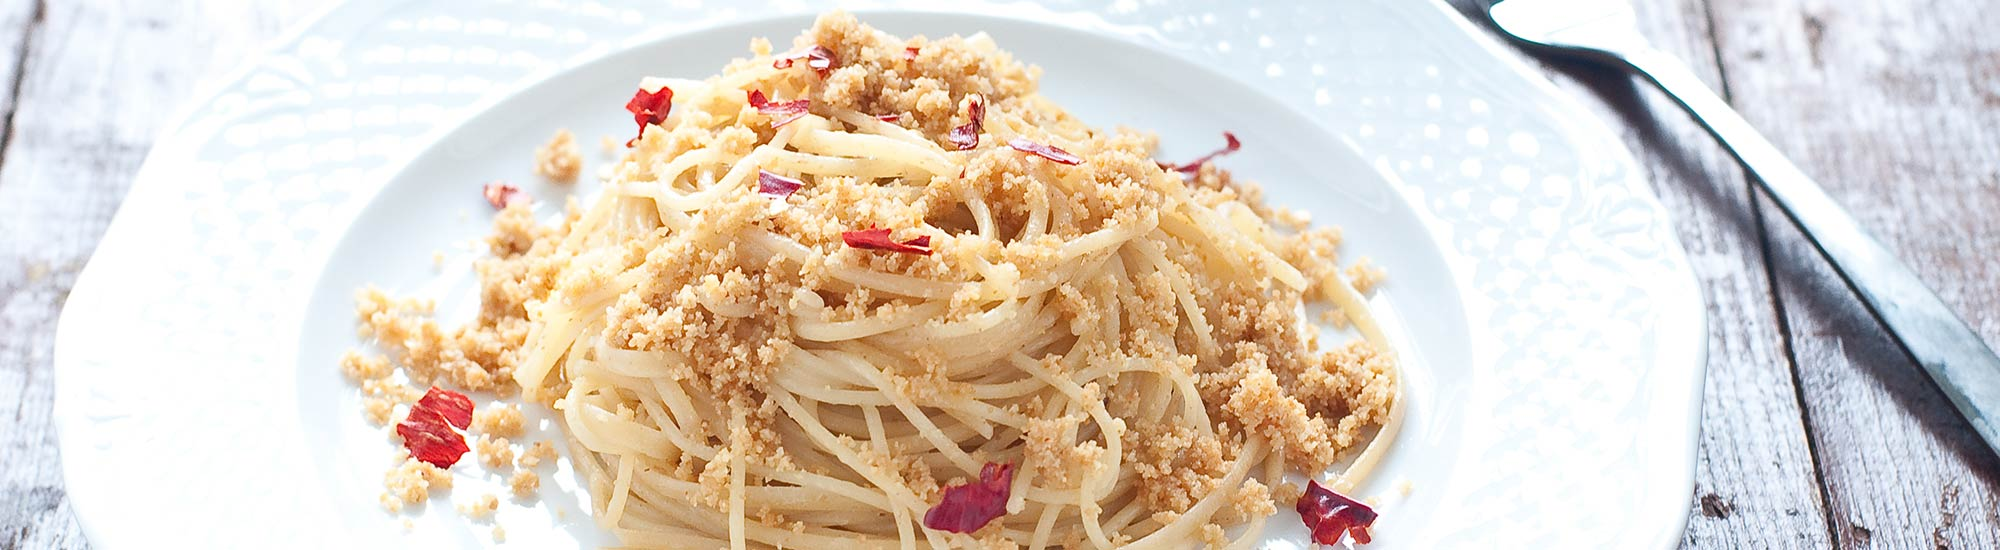 ricetta Tagliolini con acciughe e mollica con pasta fresca